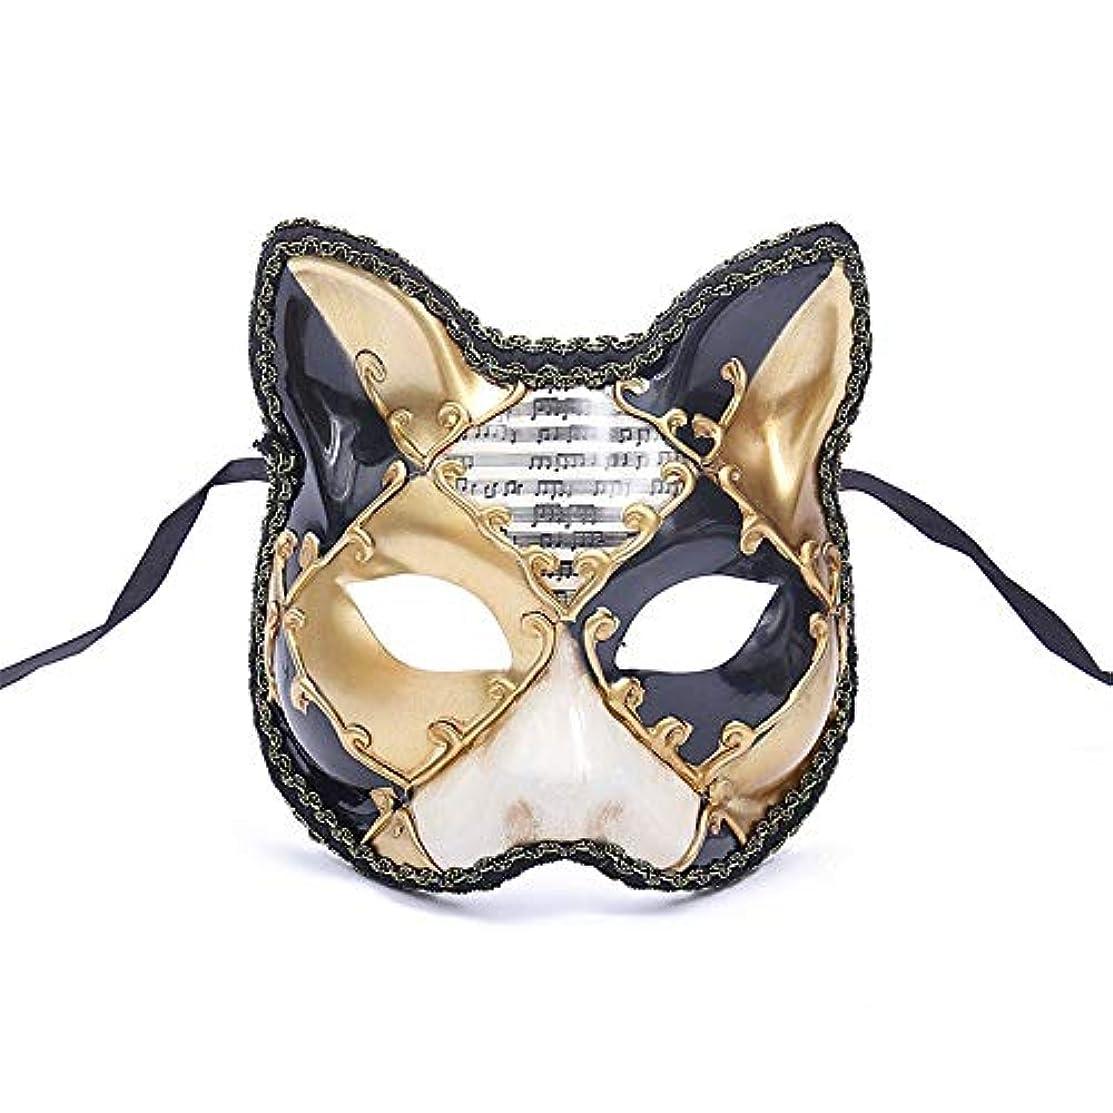 居眠りするプライバシー動物園ダンスマスク 大きな猫アンティーク動物レトロコスプレハロウィーン仮装マスクナイトクラブマスク雰囲気フェスティバルマスク ホリデーパーティー用品 (色 : 黄, サイズ : 17.5x16cm)